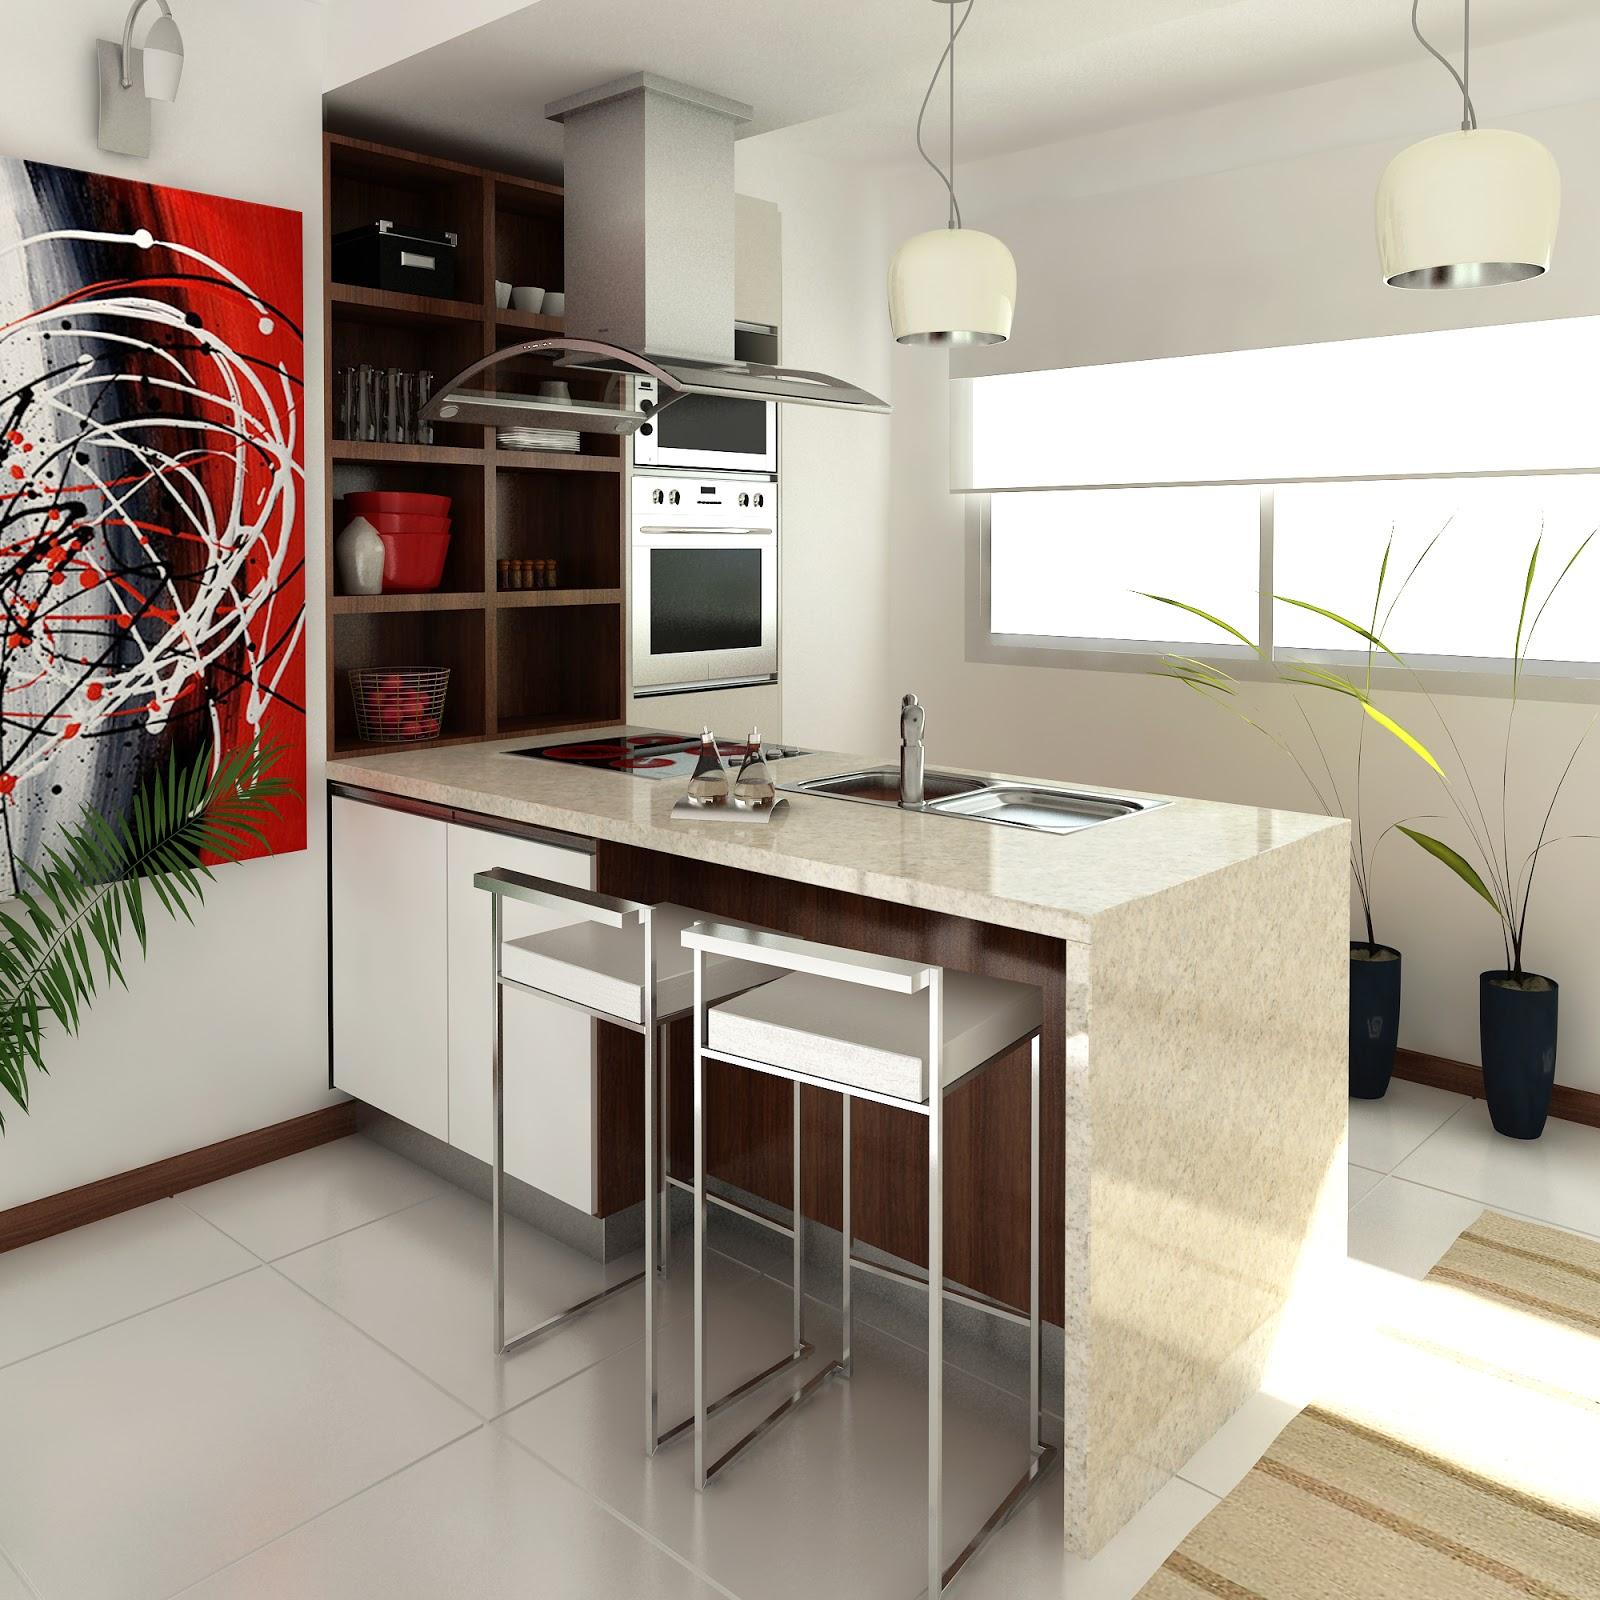 Arquitectura en im genes 3d dise o de interiores cocinas for Ver cocinas modernas